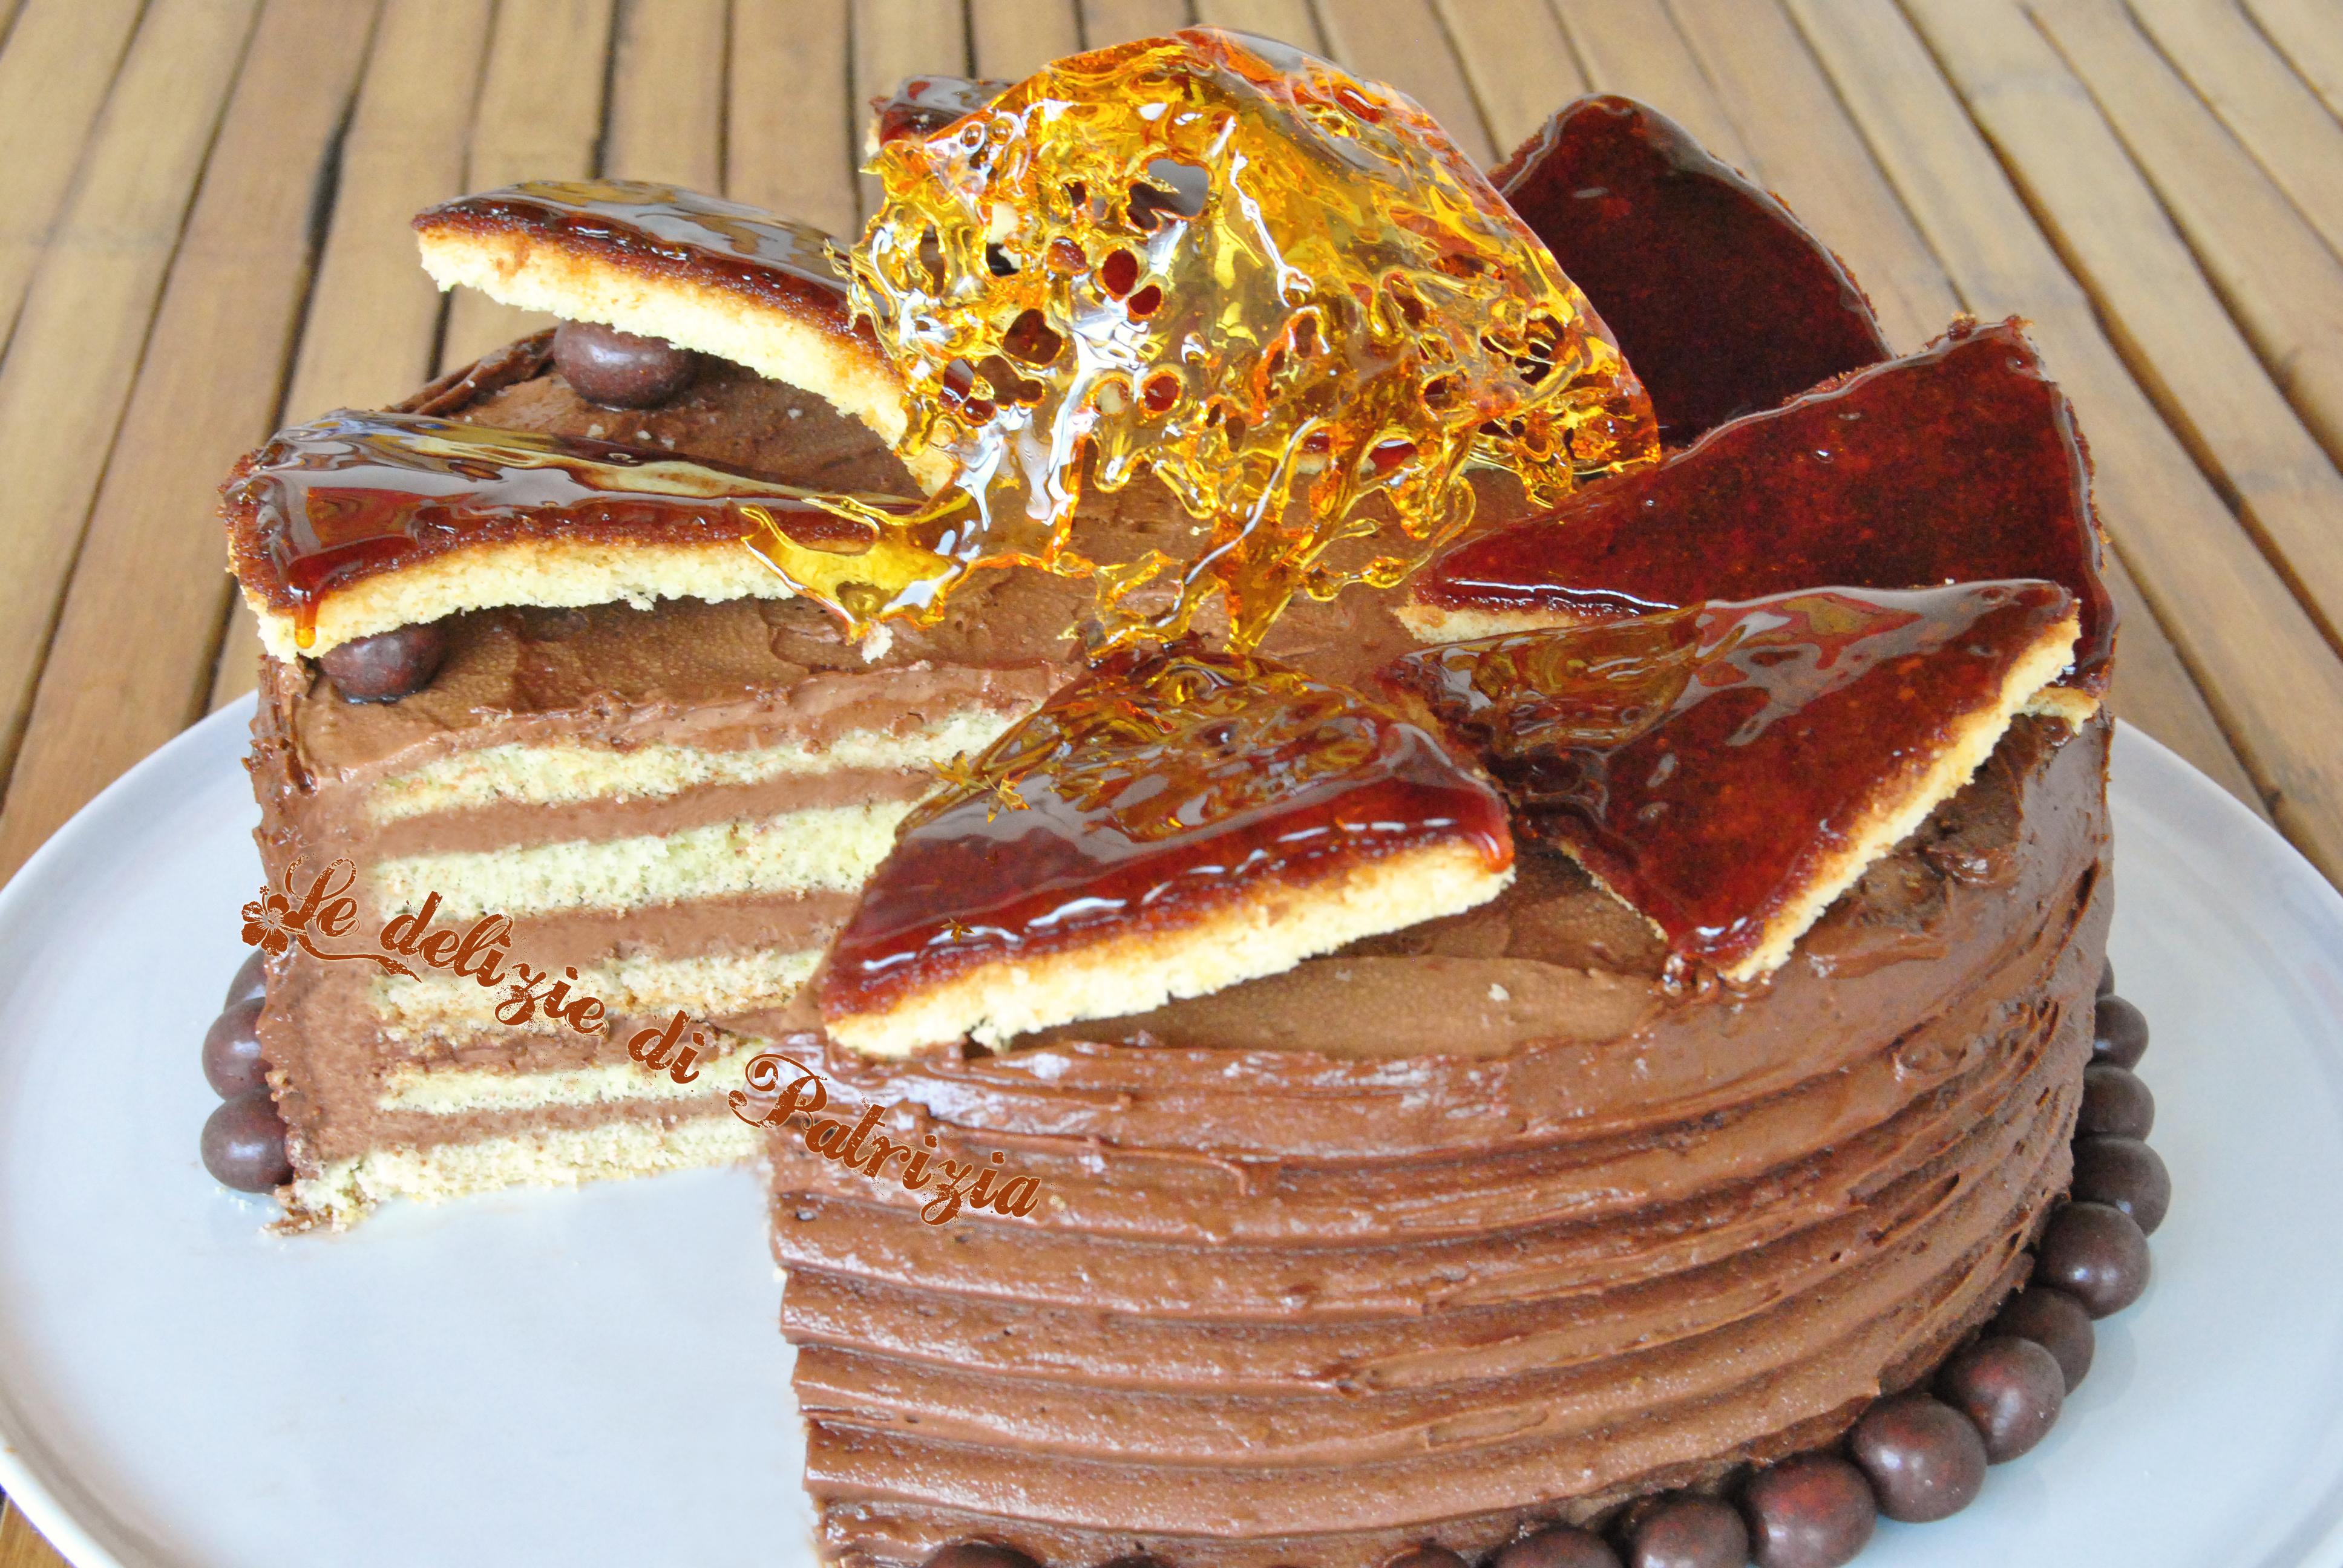 главной самой рецепты американских тортов с фото интернете часто можно